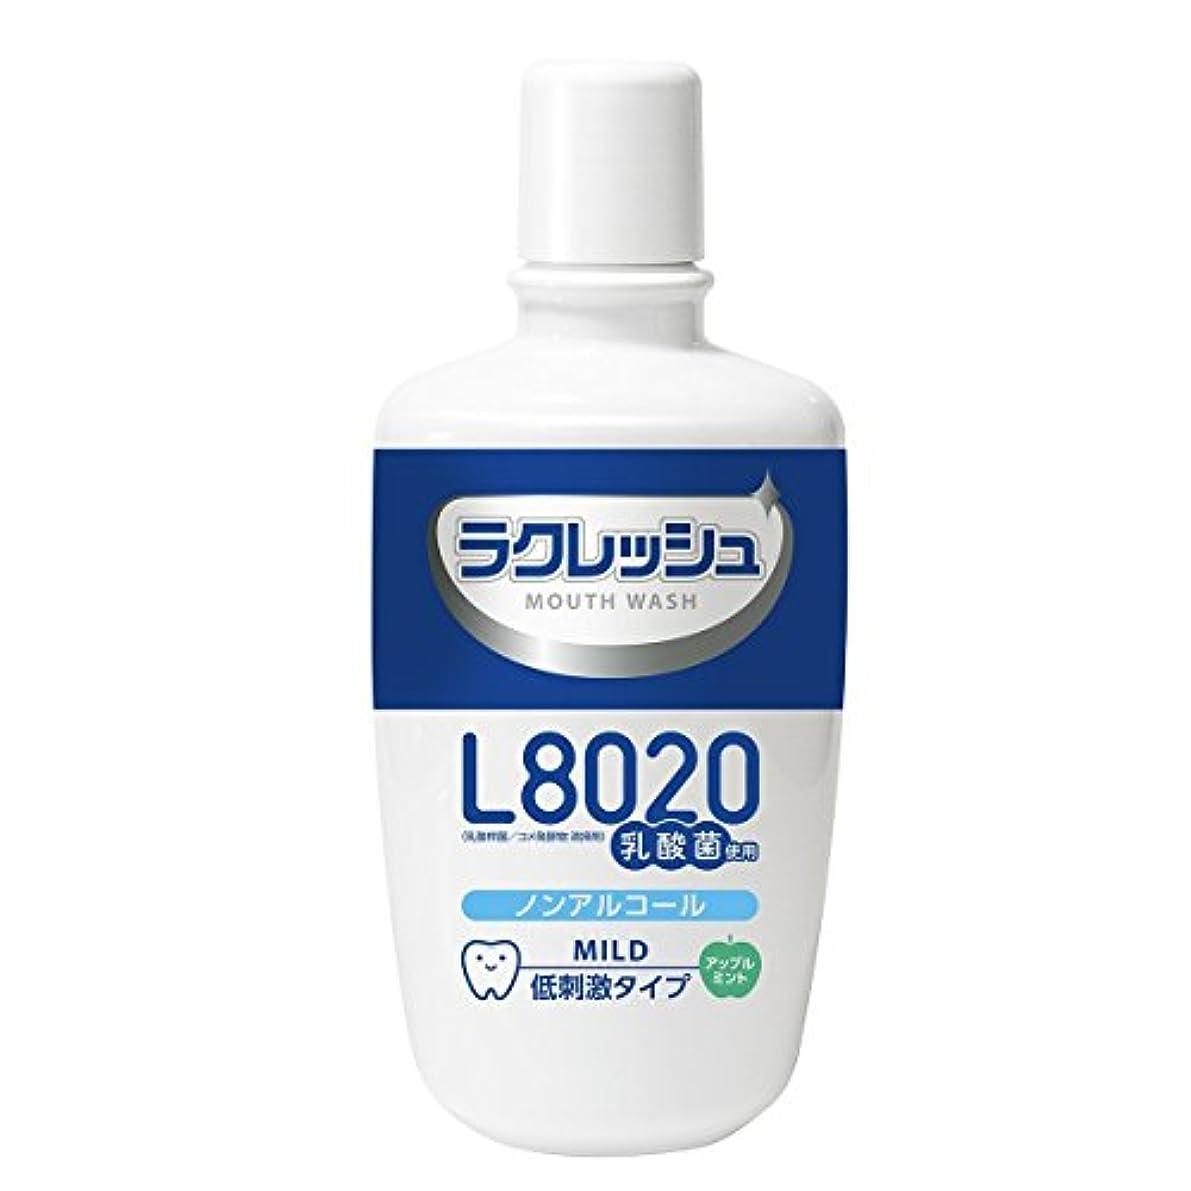 お尻郵便屋さん予想外ラクレッシュ L8020菌 マウスウォッシュ 3本セット (マイルド)